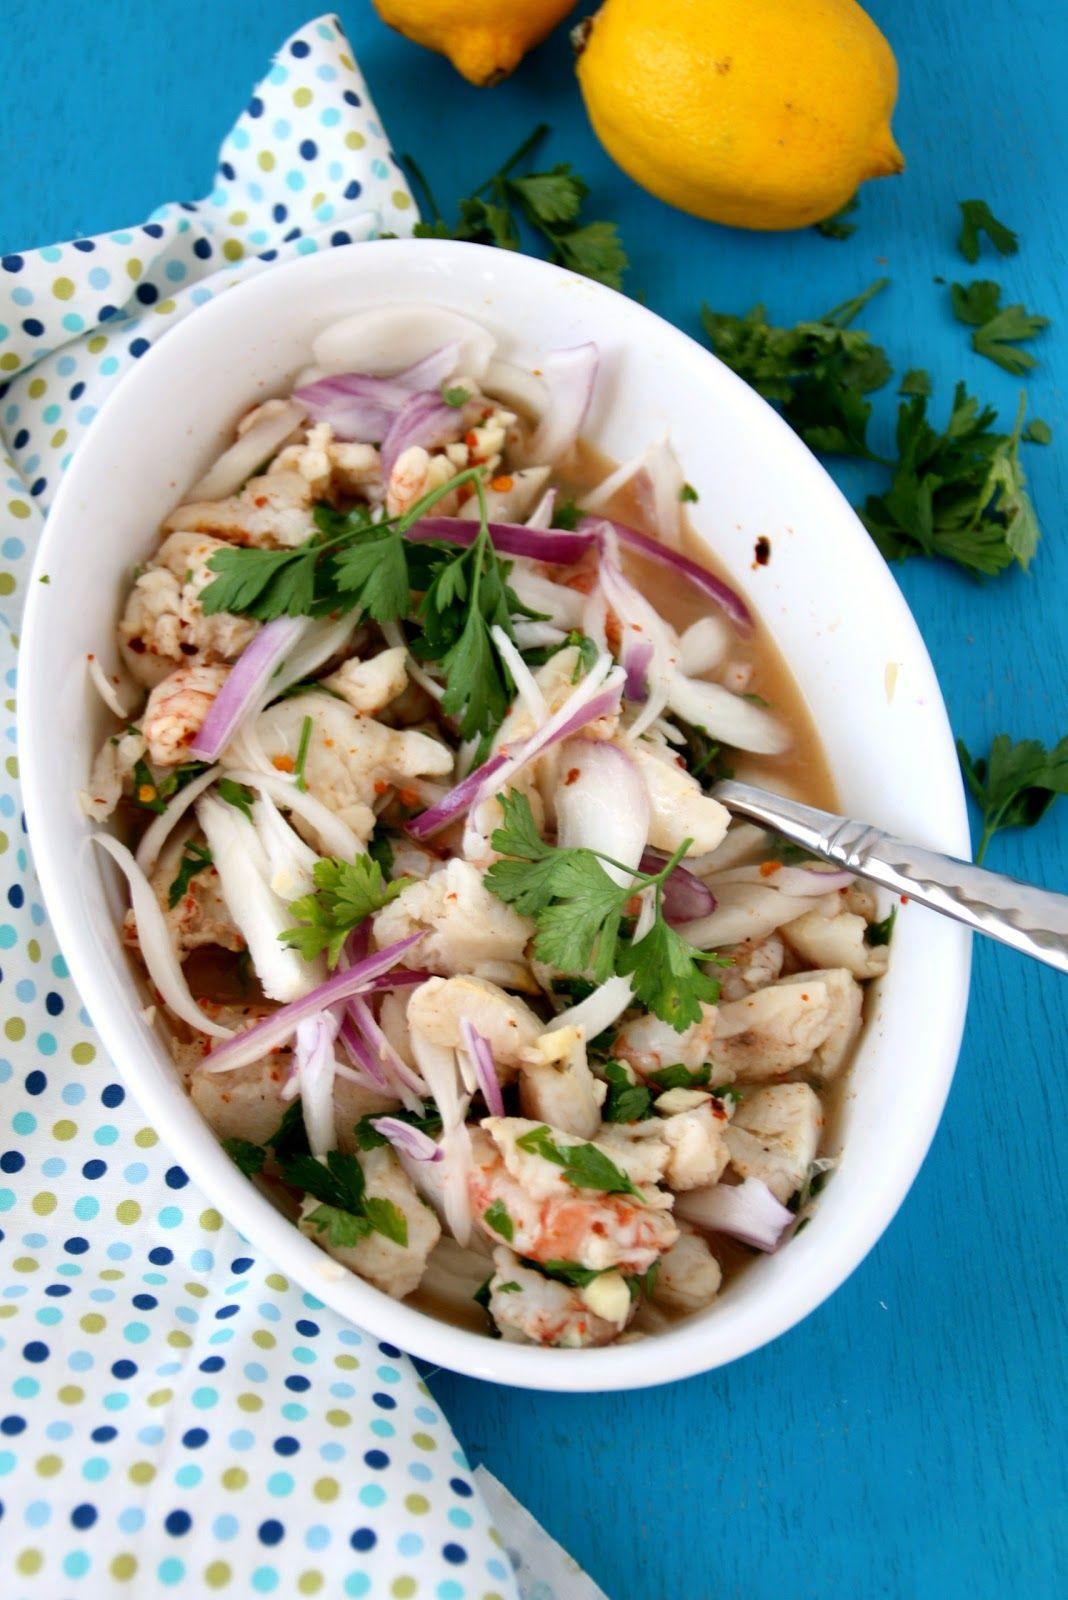 Recetas fáciles ligeras fotos apetitosas. Cocina española fácil ...